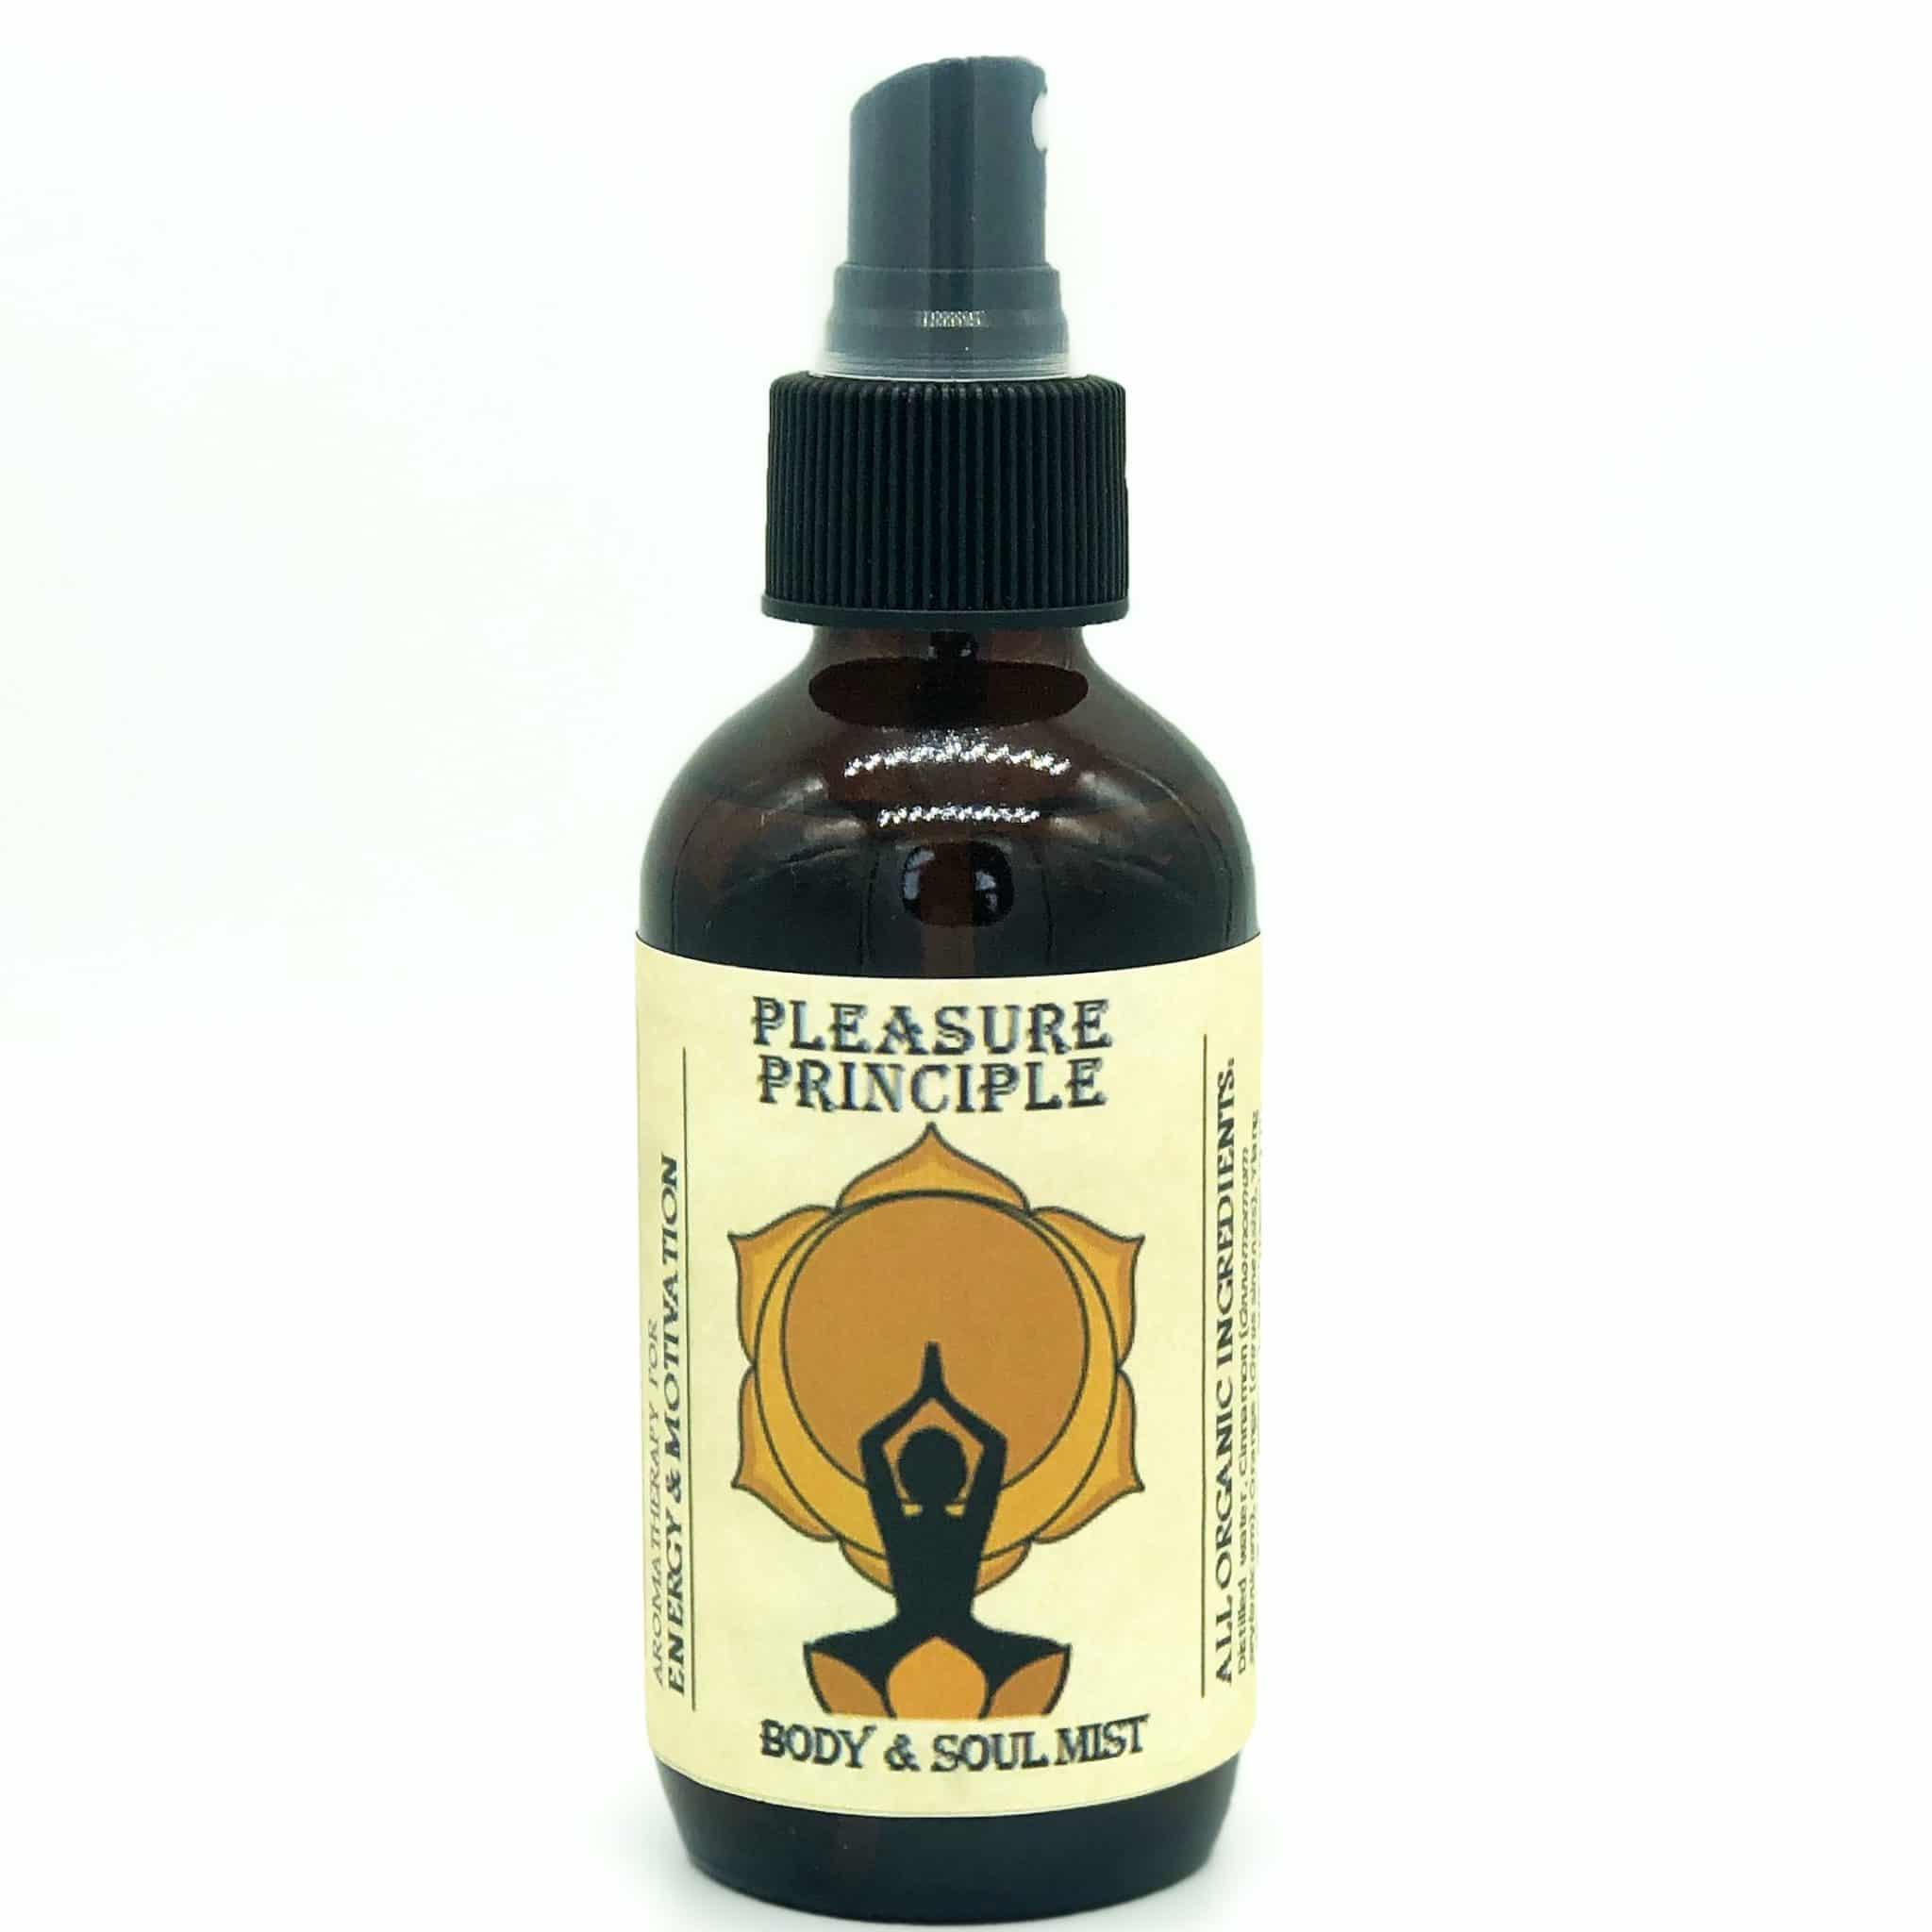 pleasure principle sacral chakra spray